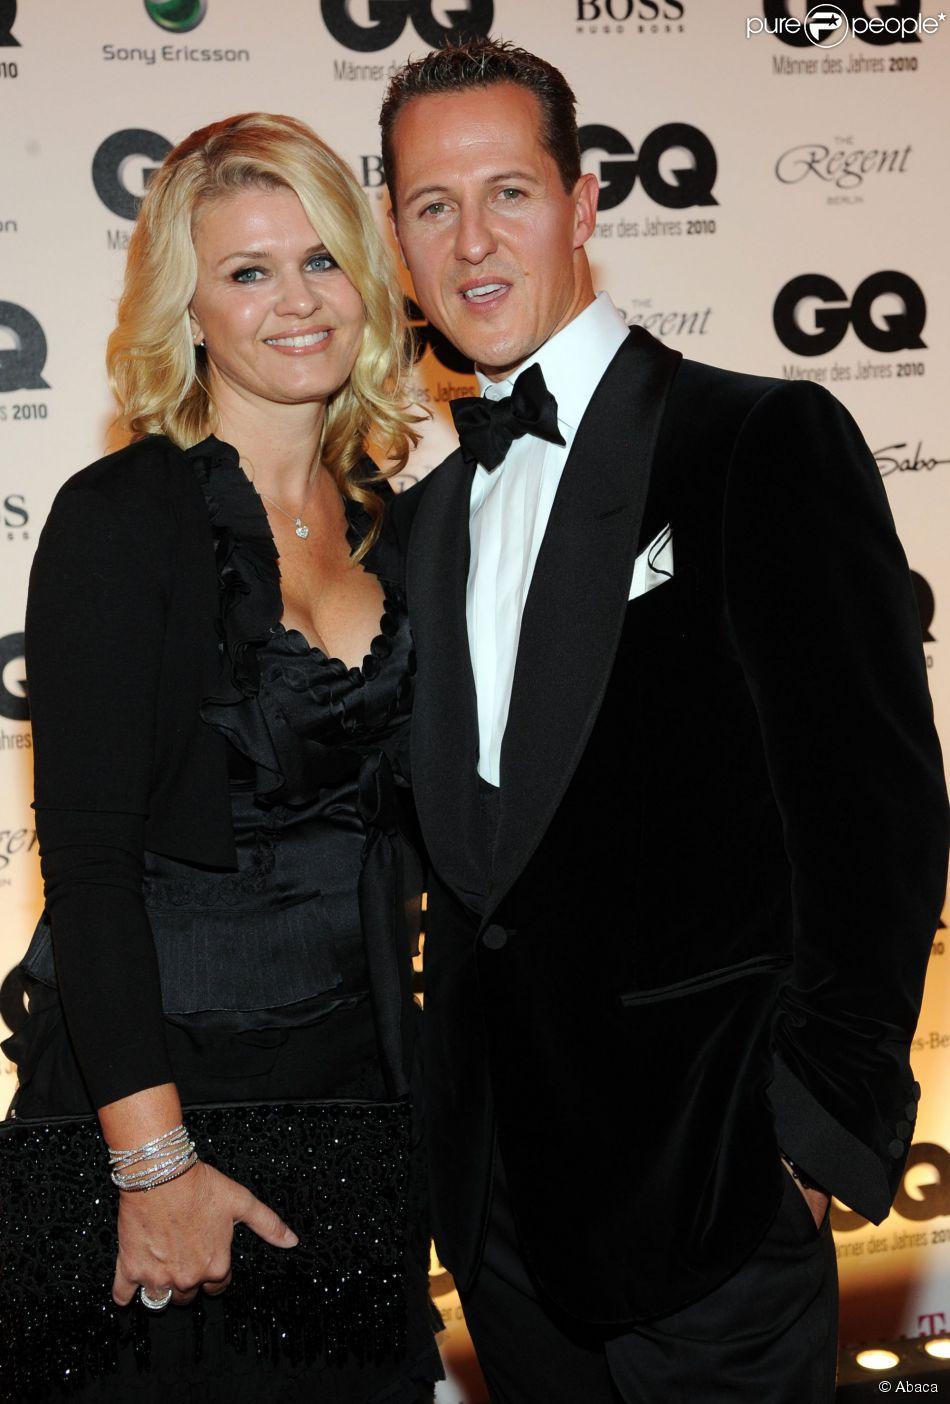 Michael Schumacher et son épouse Corinna lors des GQ '2010 Men of the Year à Berlin, le 29 octobre 2010